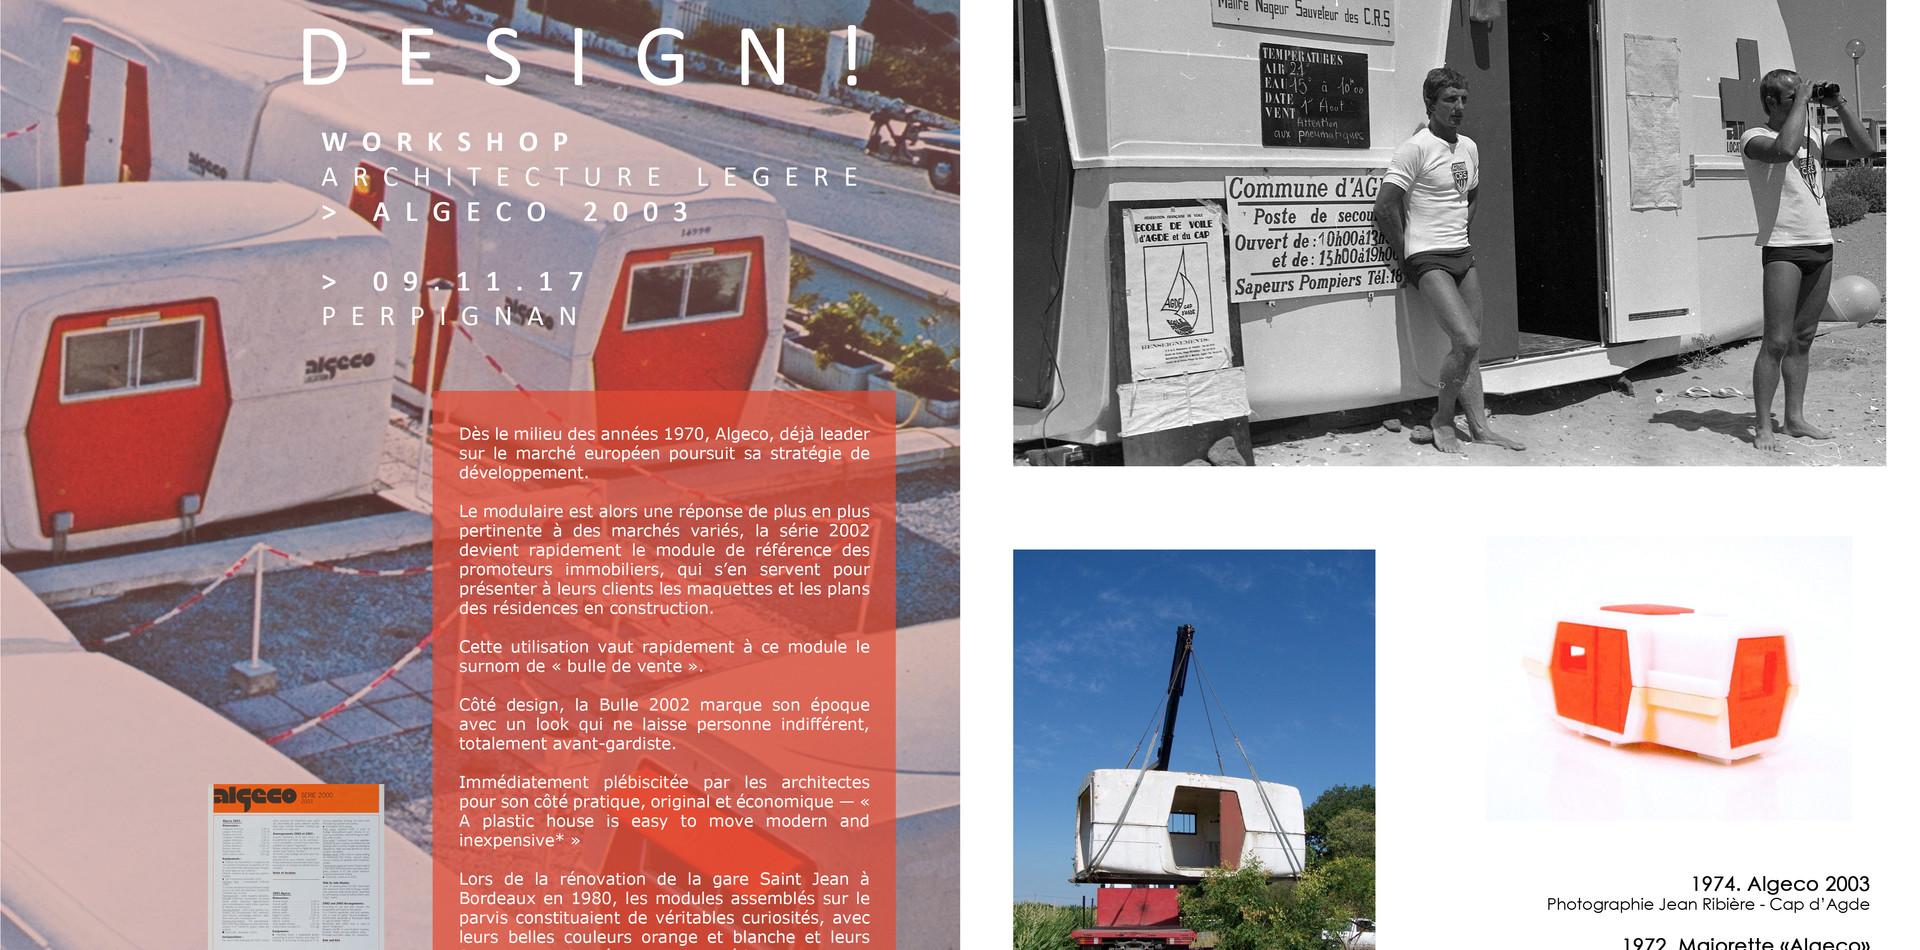 planche_algeco_design_2003_clement_civid